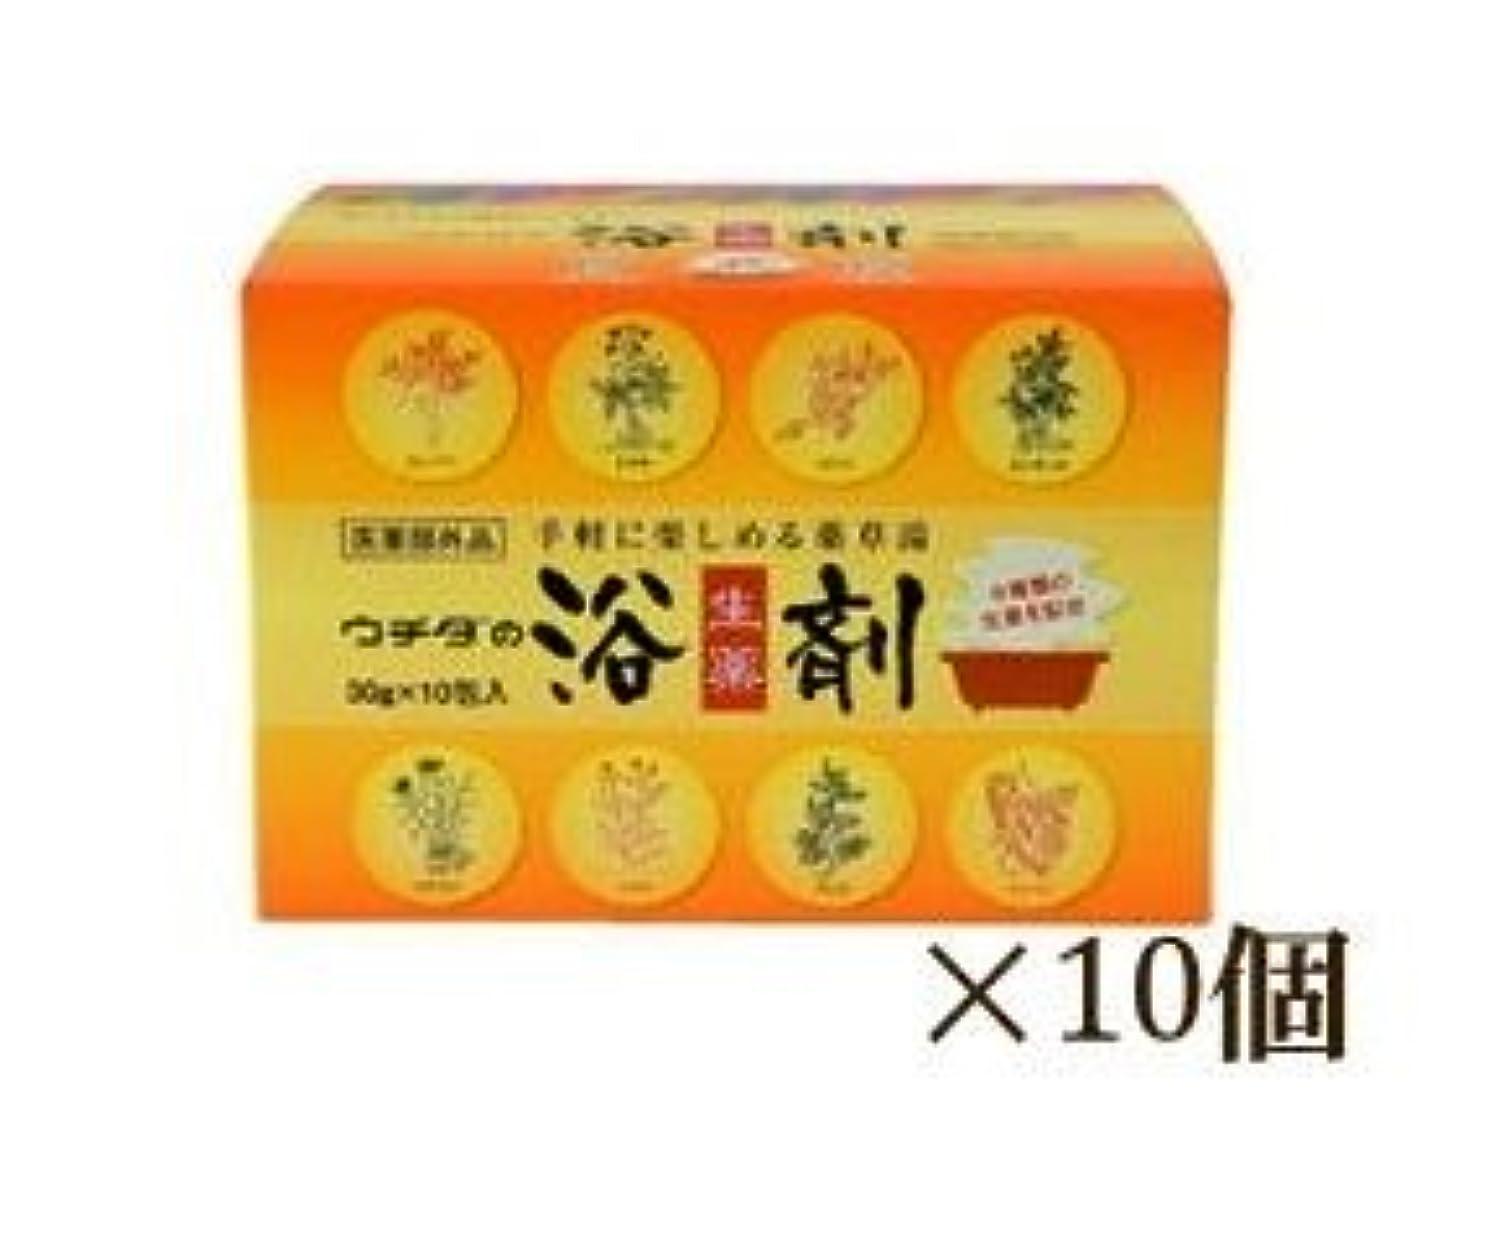 軍エンジニアリング旋回ウチダの生薬浴剤 10箱セット (1箱30g×10包) 医薬部外品